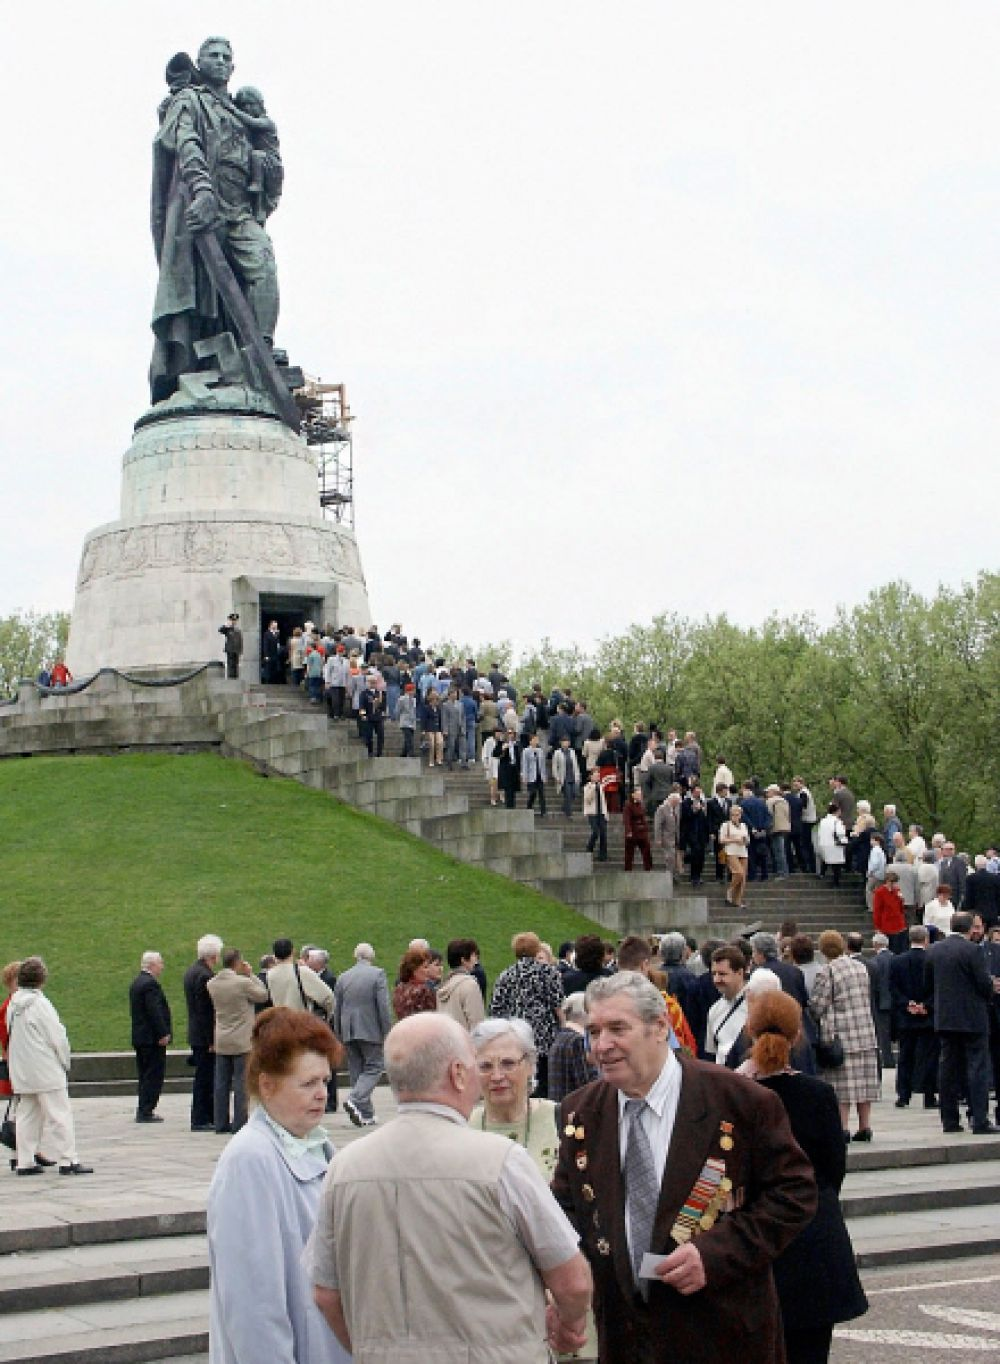 «Воин-освободитель» — монумент в берлинском Трептов-парке. Один из трёх советских военных мемориалов в Берлине. В нем захоронено около 7000 советских воинов, из павших 75 000 при штурме Берлина. Открыт 8 мая 1949 года. Высота — 12 метров. Вес — 70 тонн.